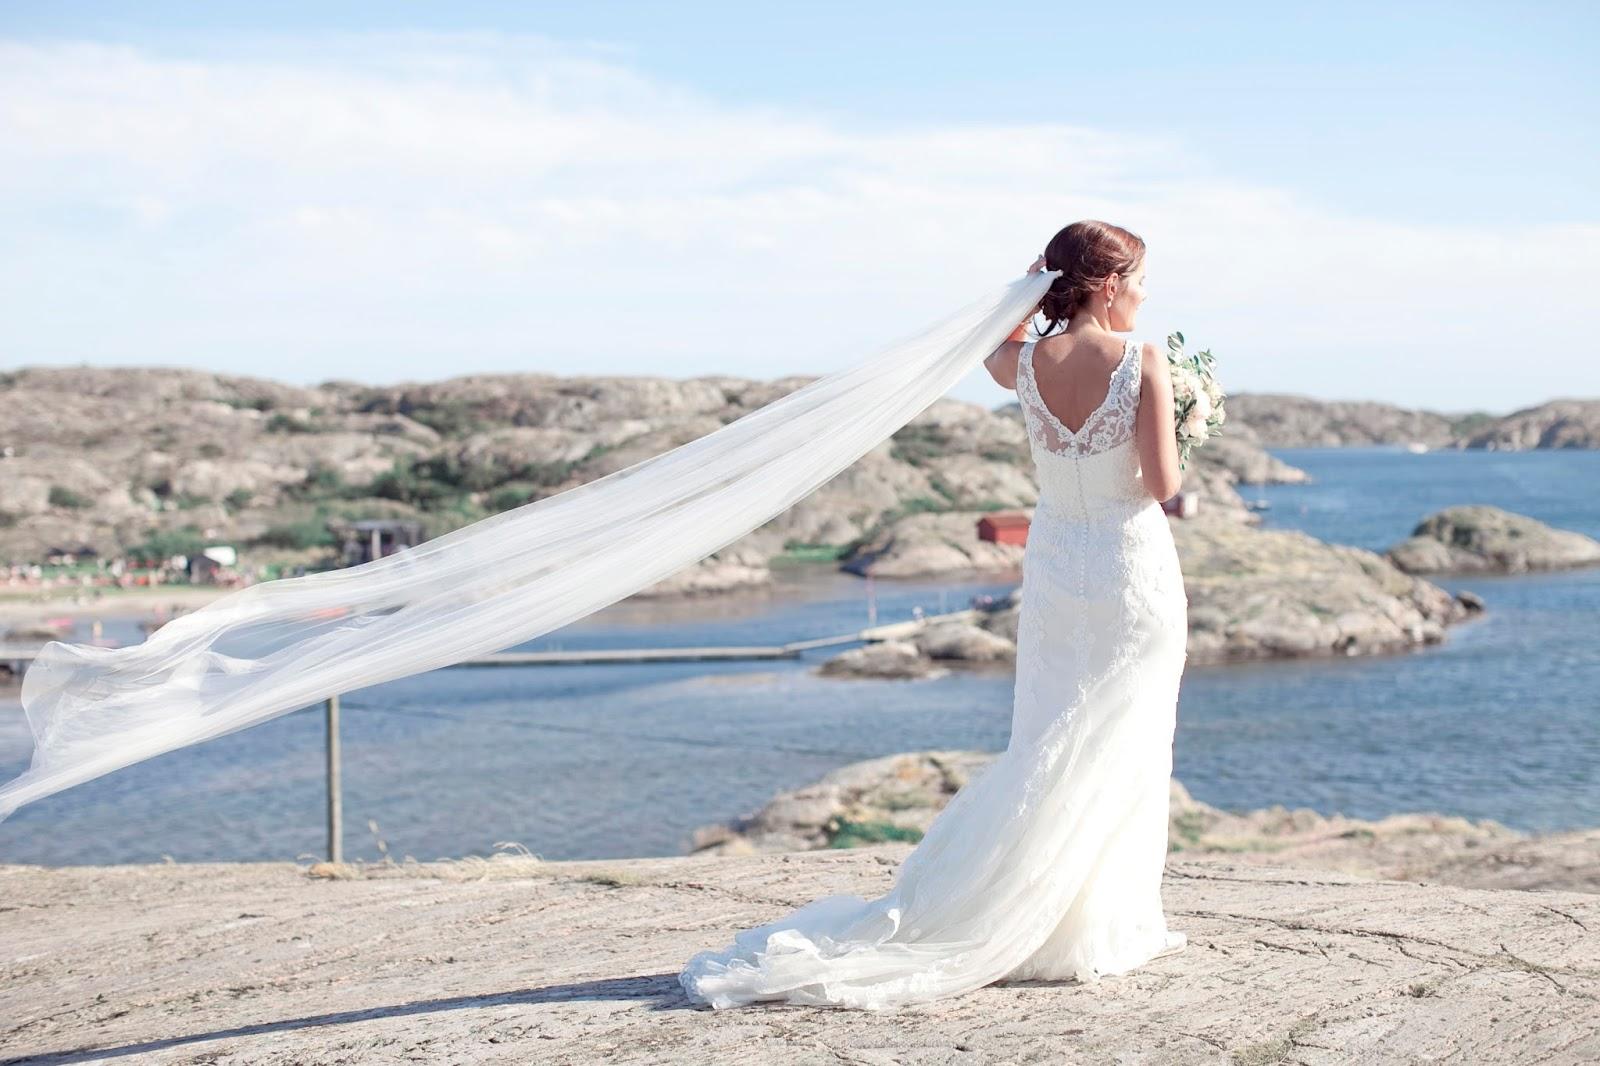 3917d4bd548d Jag lovade i samband med att jag la upp en mängd bilder från vårt bröllop  att återkomma gällande inköpsställe och liknande.